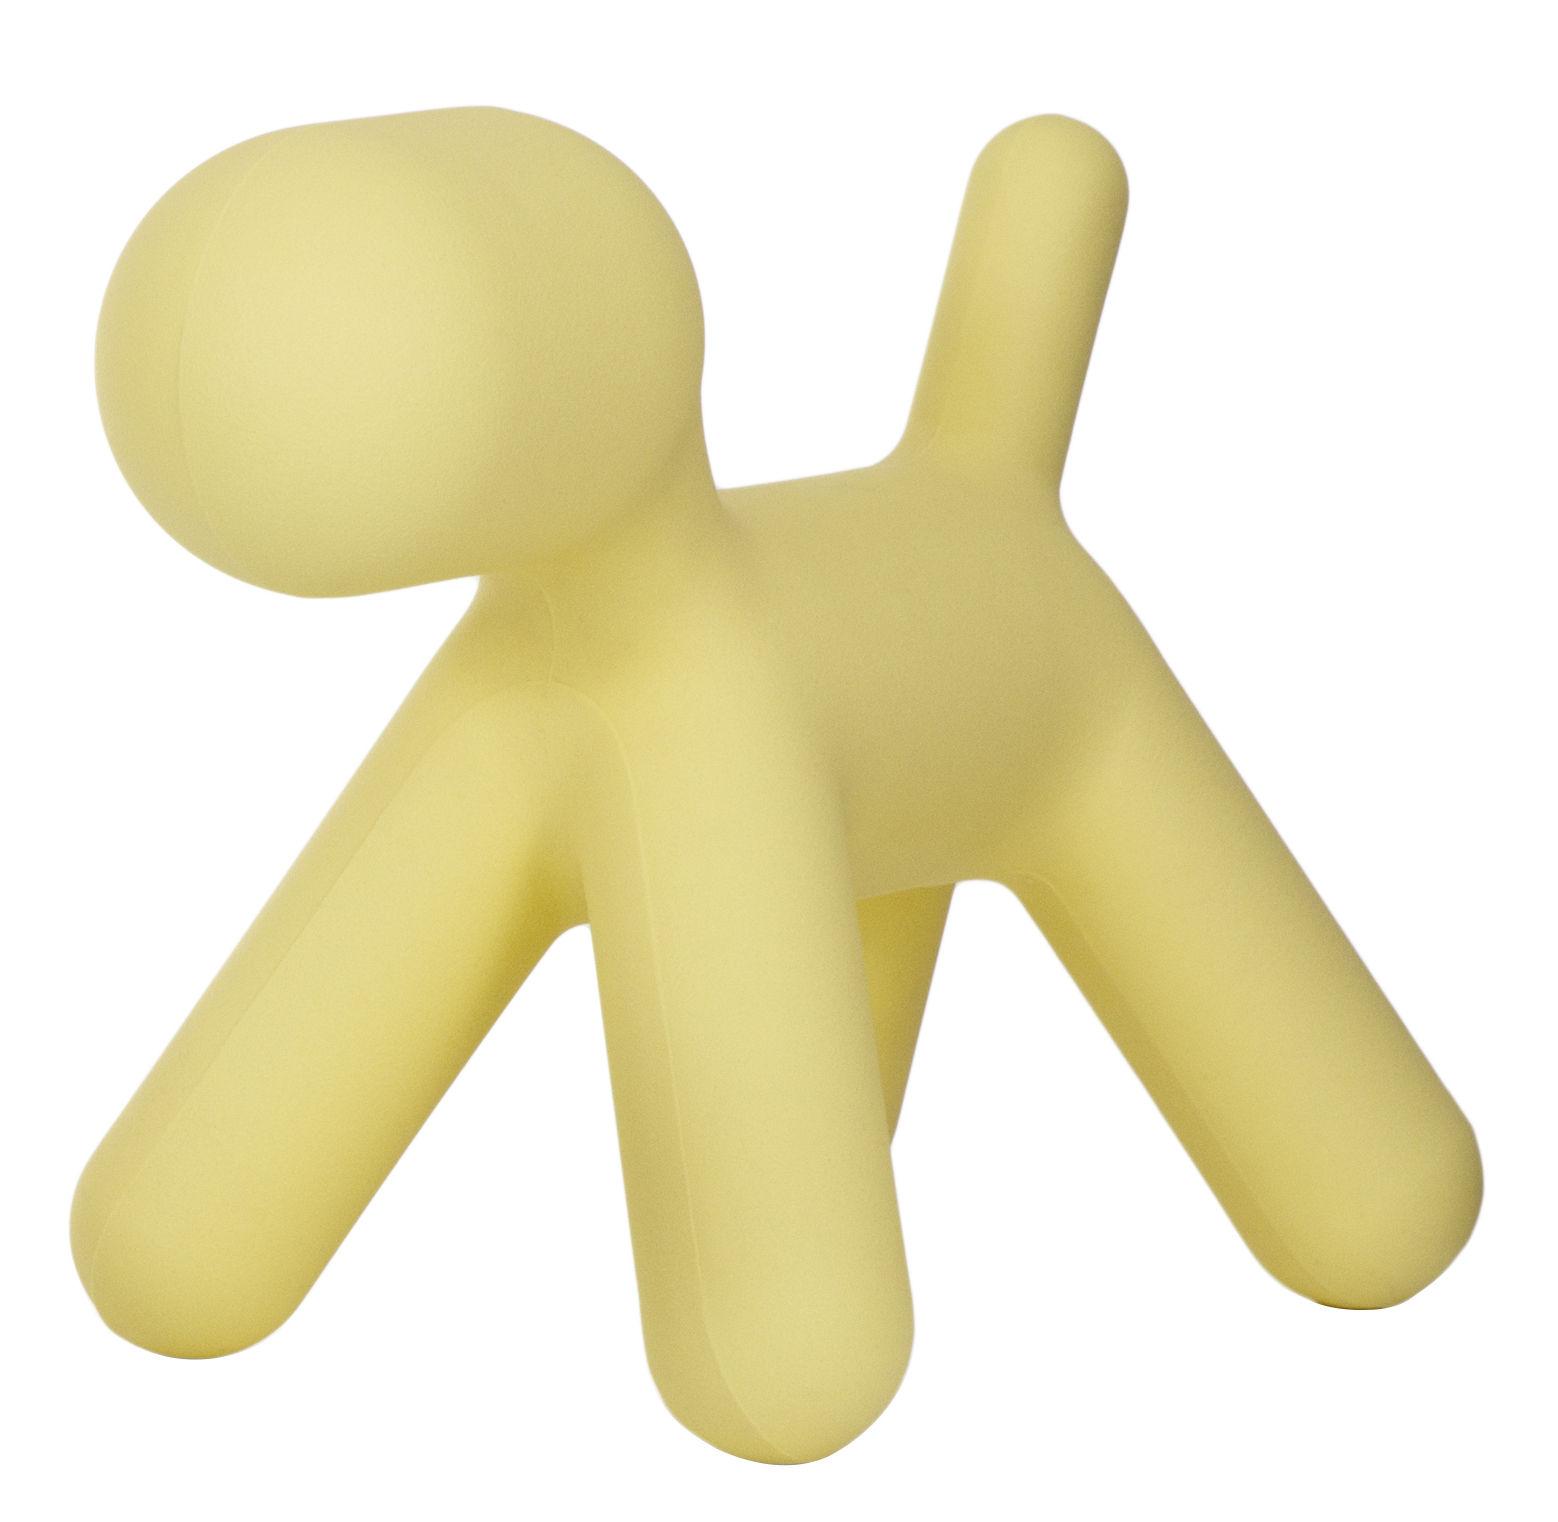 Mobilier - Mobilier Kids - Décoration Puppy Large / L 69 cm - Magis Collection Me Too - Jaune mat - Polyéthylène rotomoulé